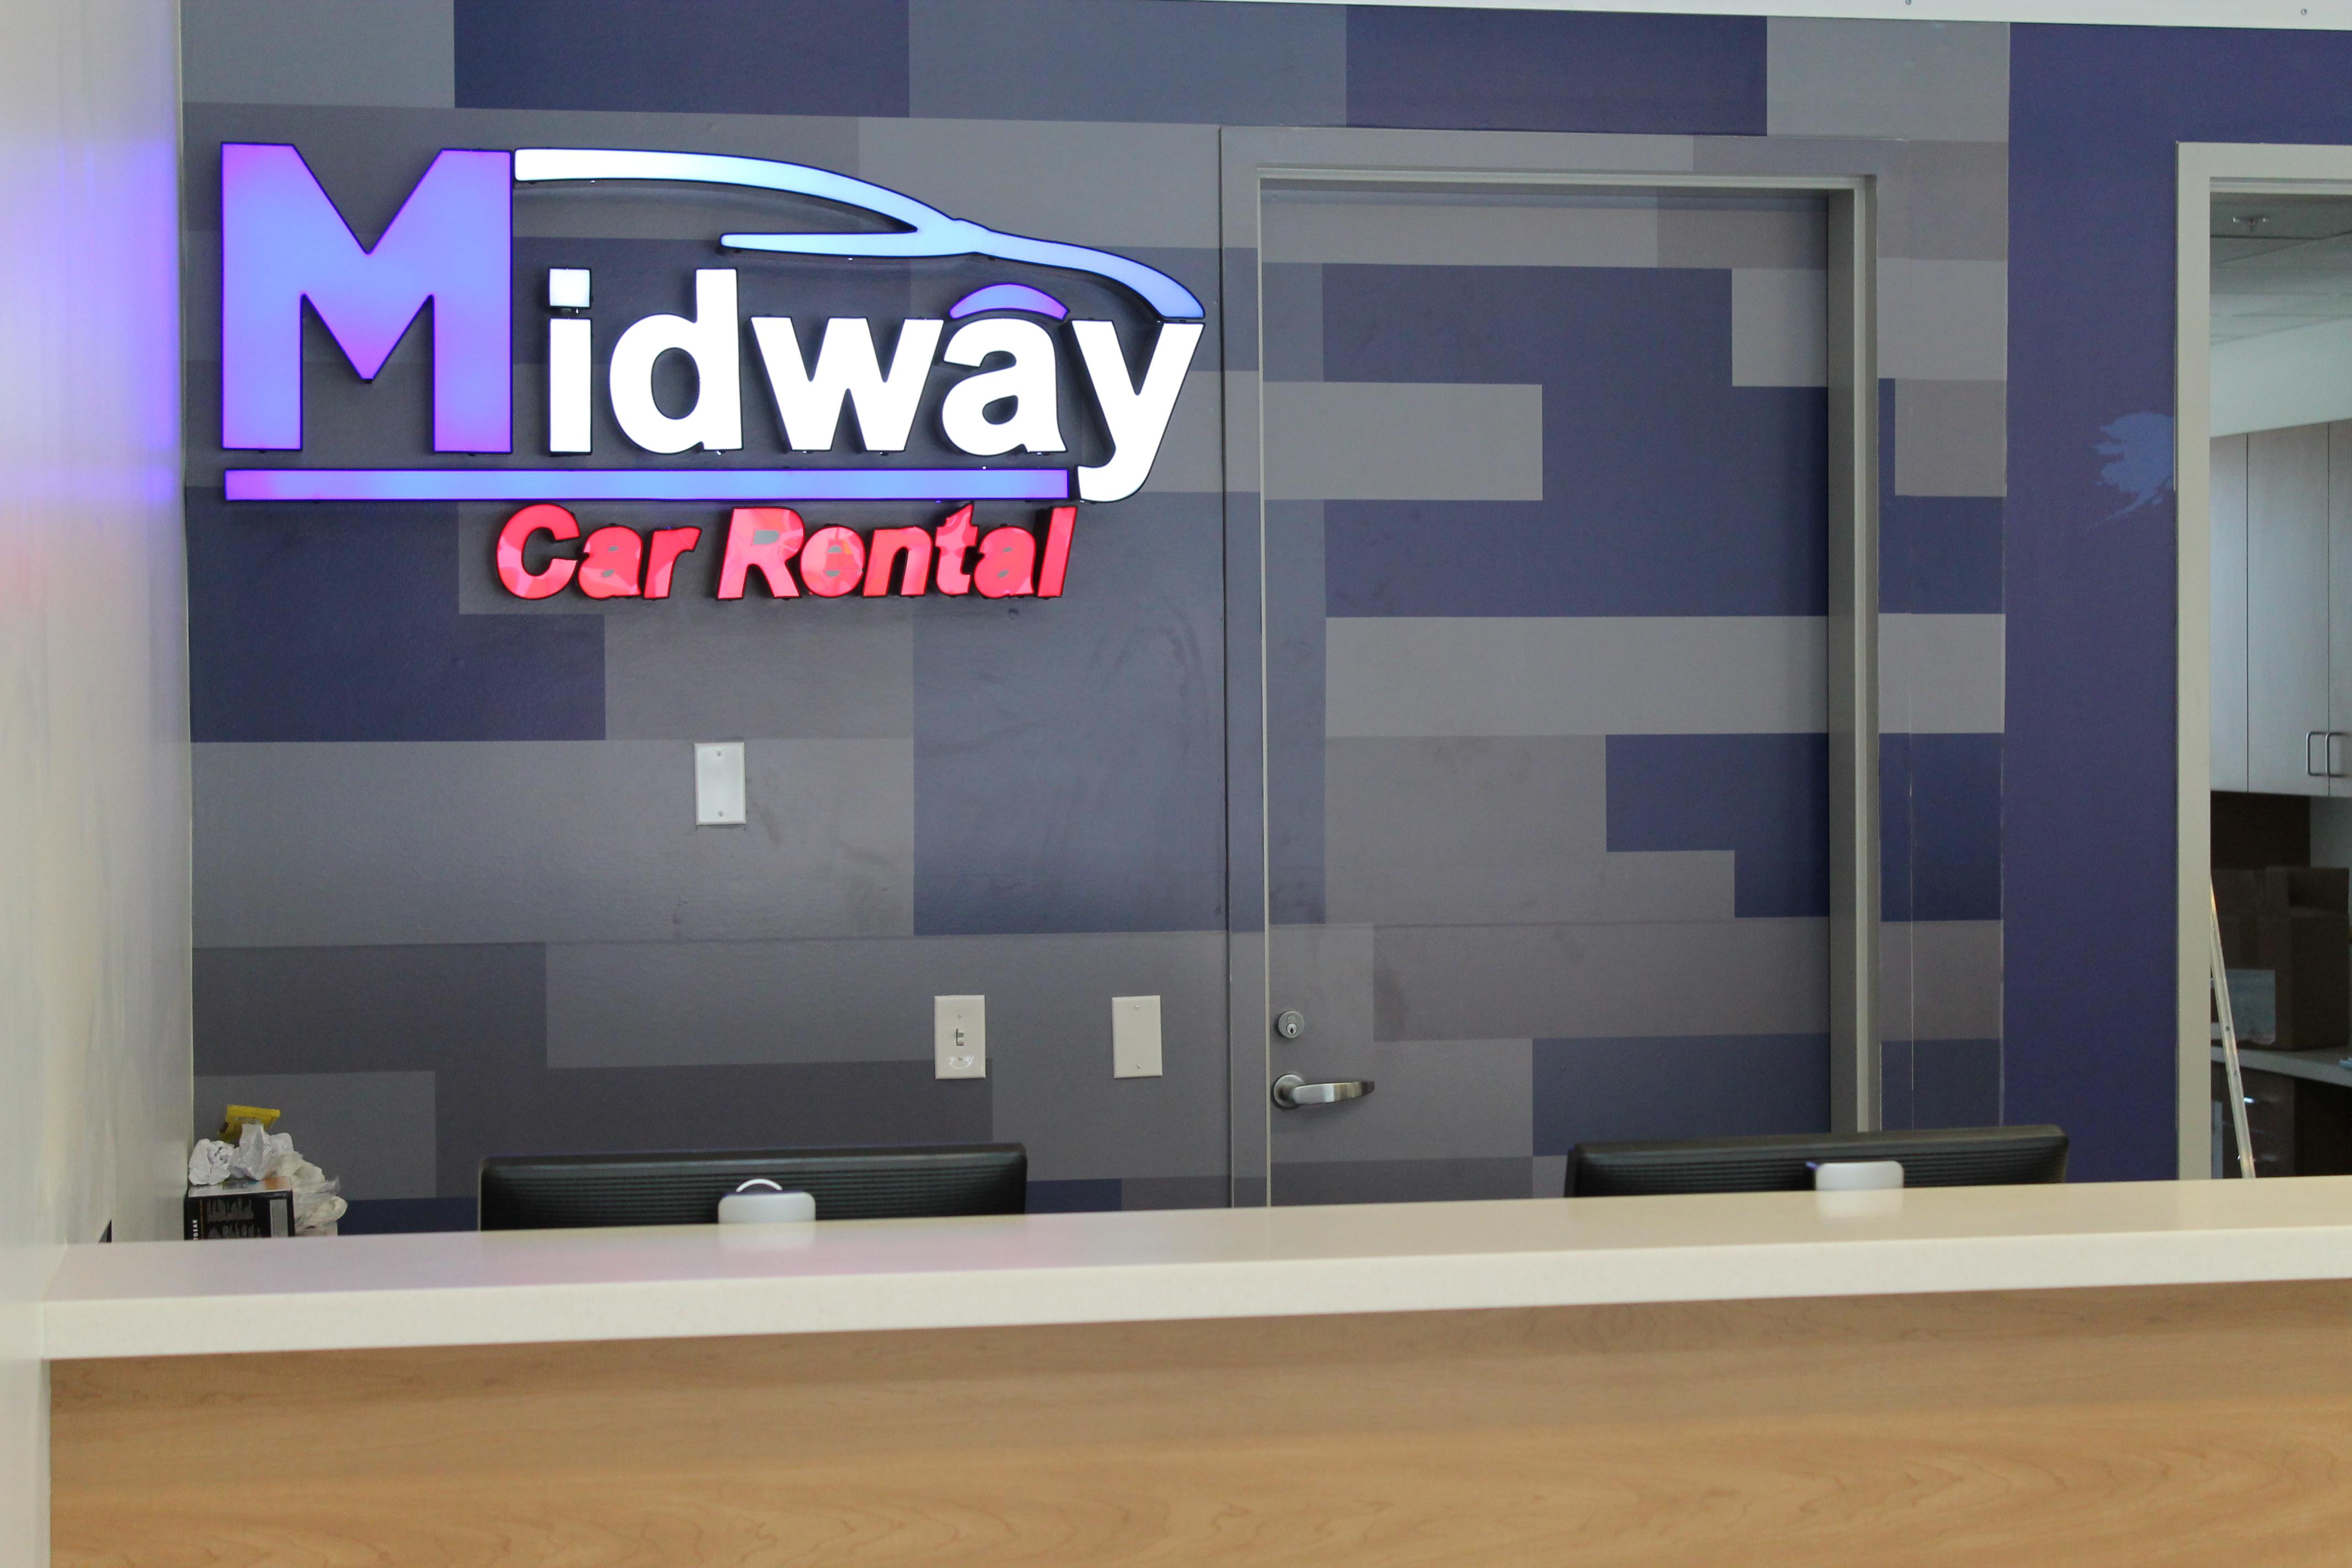 Midway Lax Car Rental